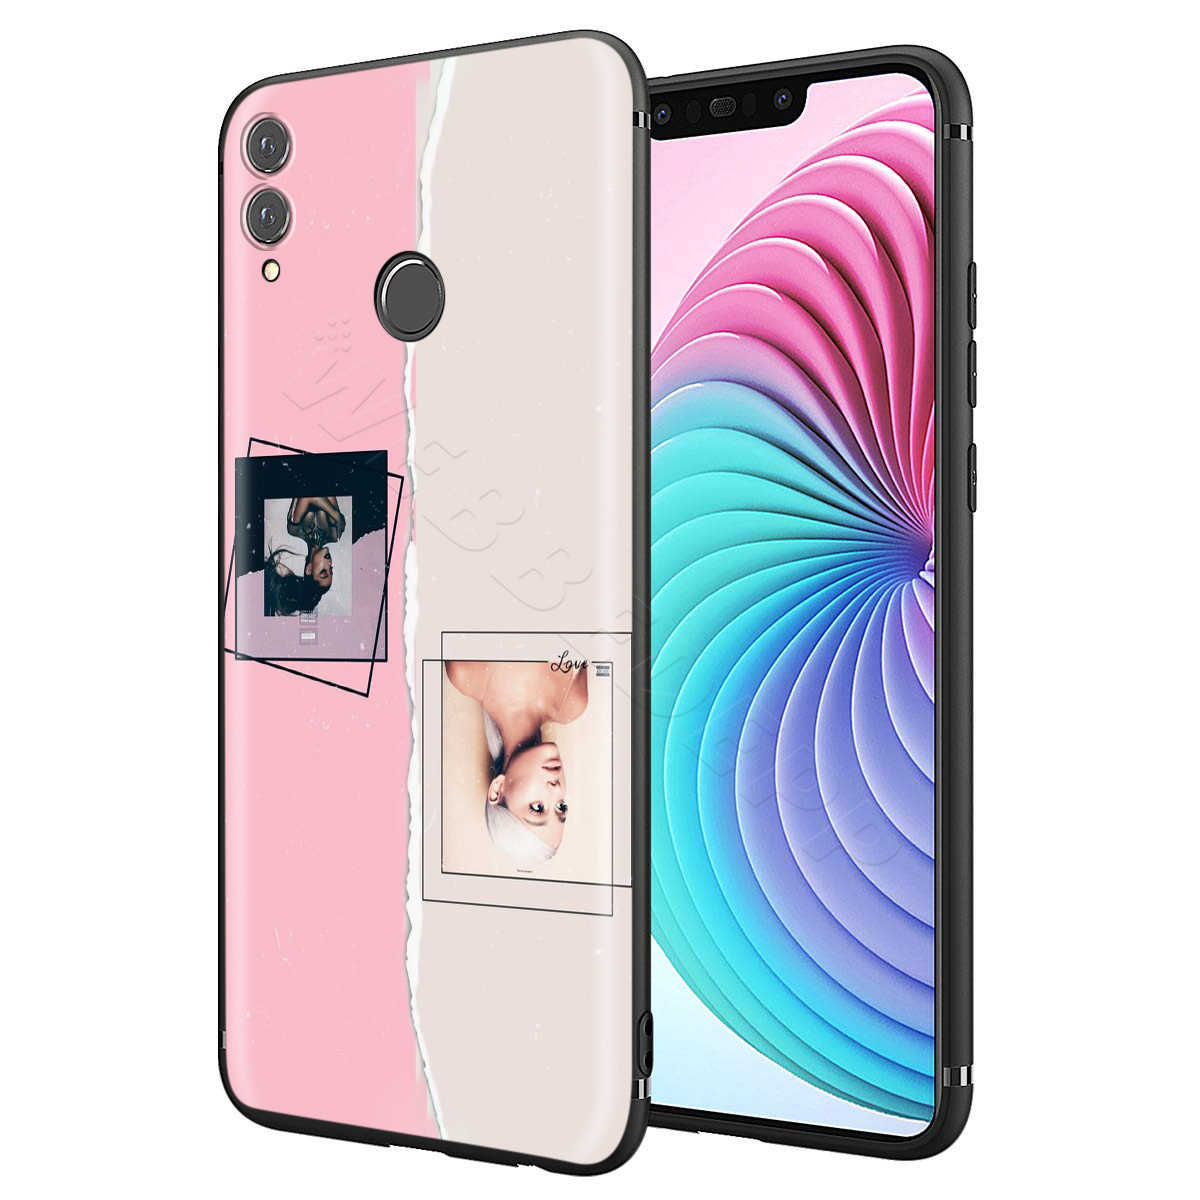 Webbedepp Ariana Grande, Dios es una mujer para Huawei P8 P9 P10 P20 P30 Lite Pro P Smart Z 2019 Mini 2019